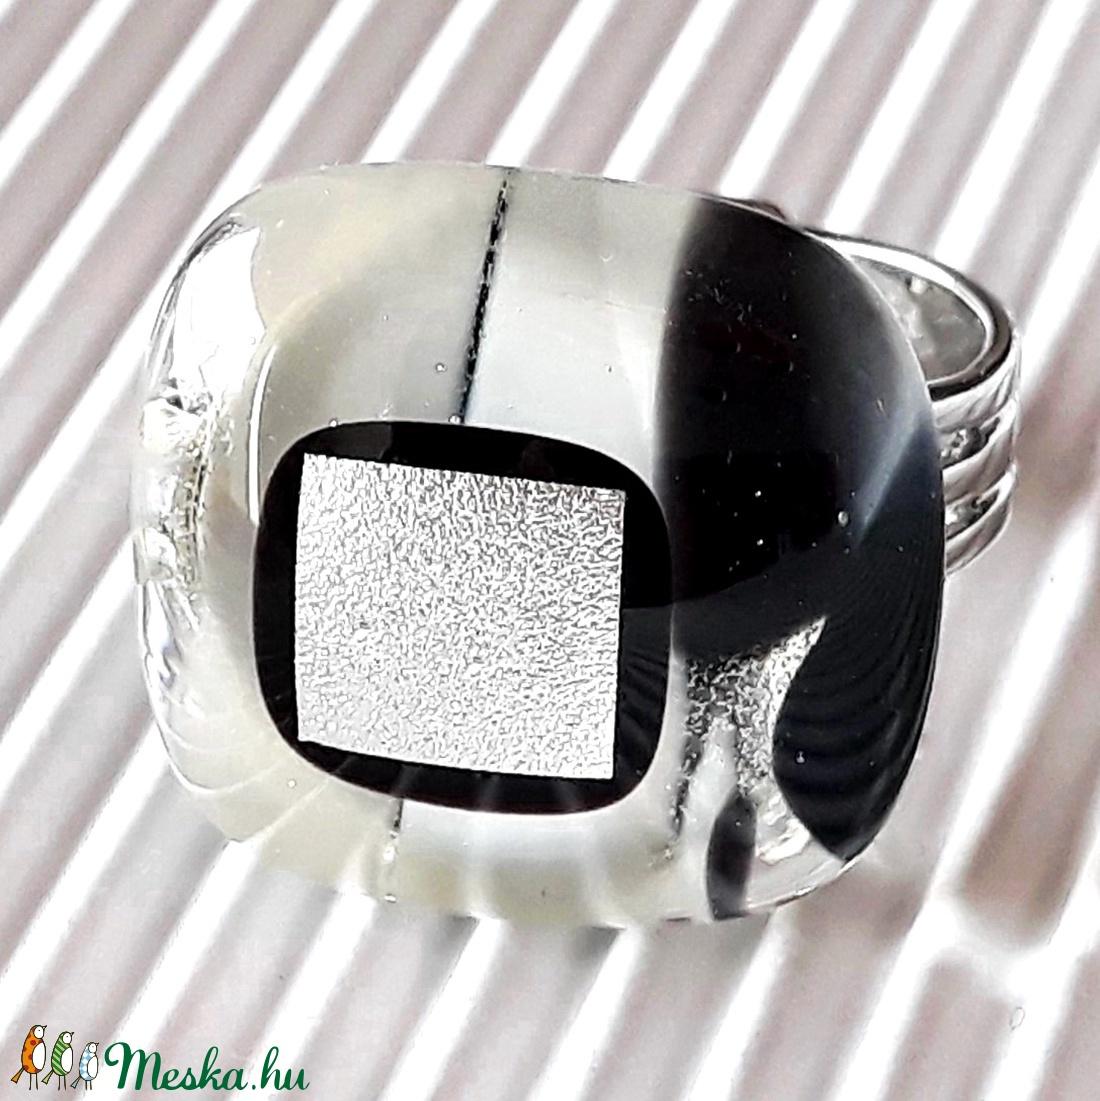 Holdfény üveg gyűrű, üvegékszer - ékszer - gyűrű - statement gyűrű - Meska.hu